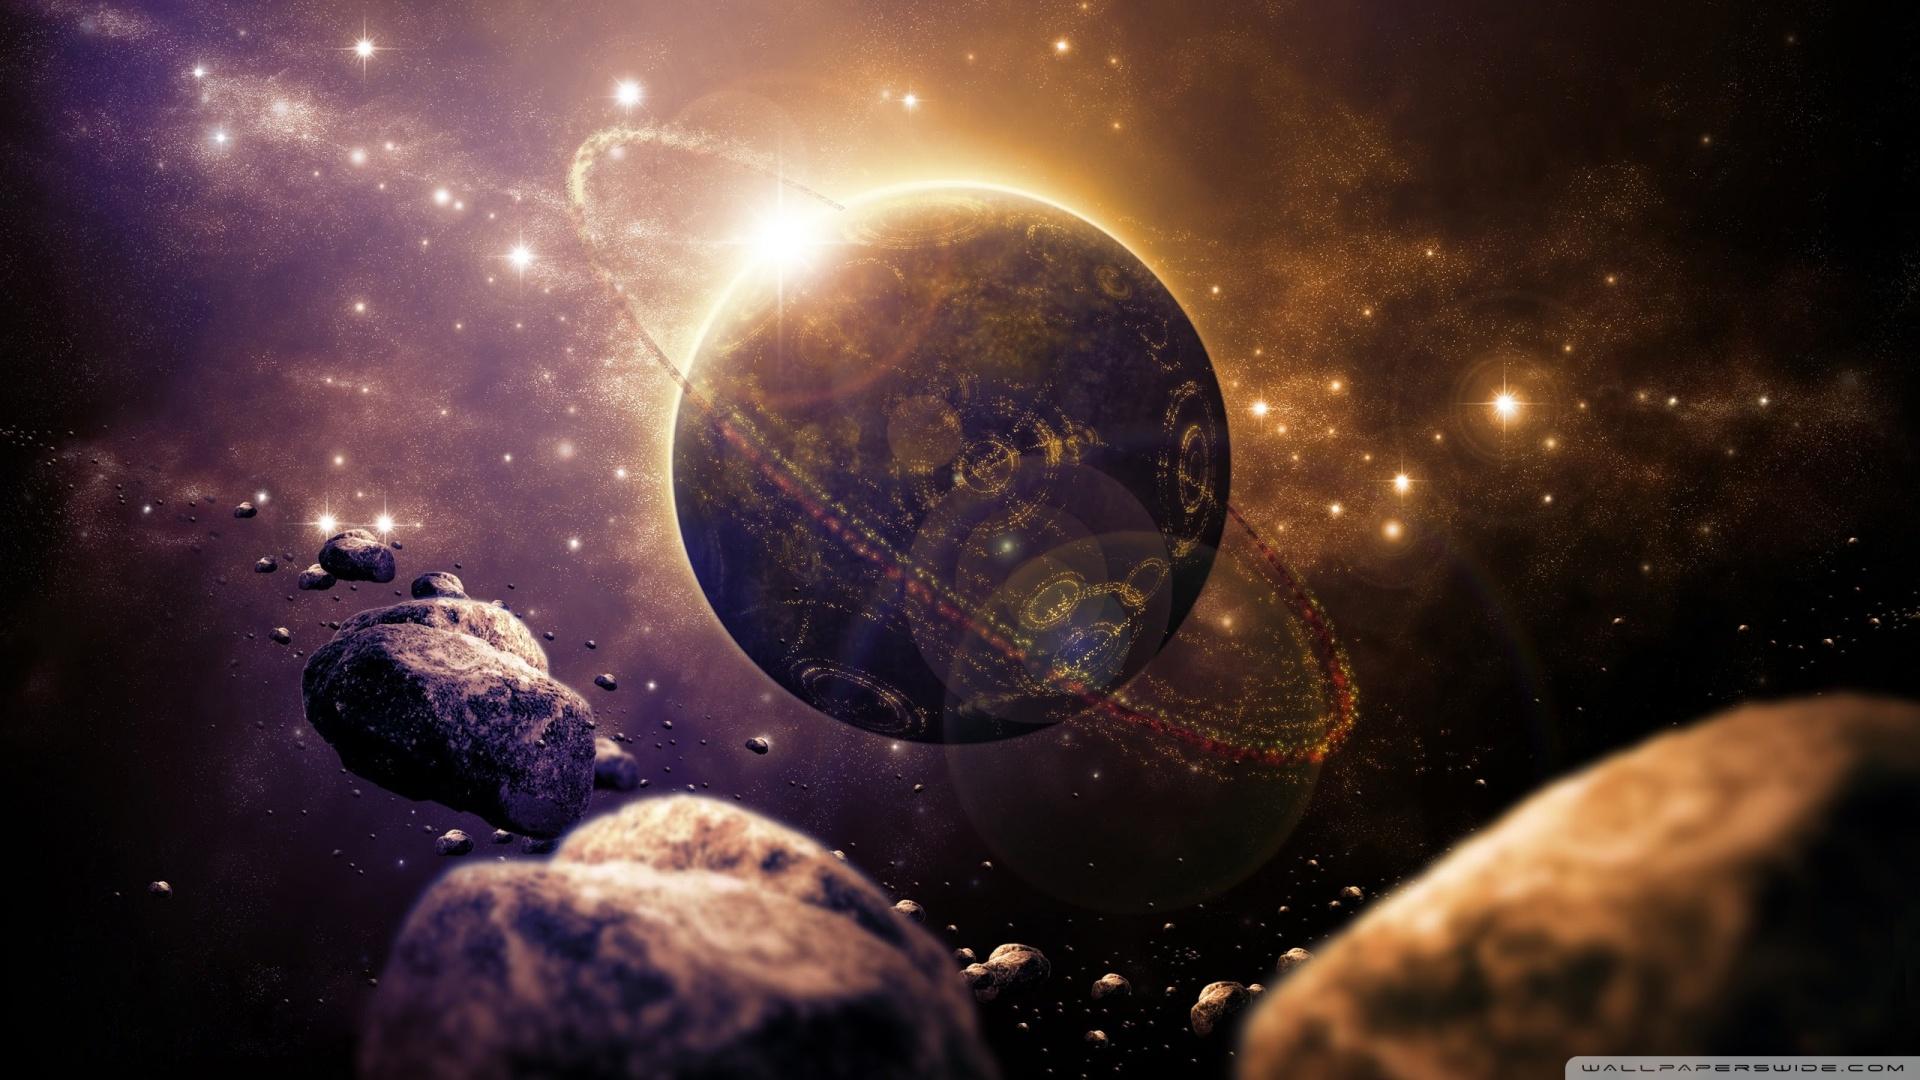 Sci Fi Planet Wallpaper 1920x1080 Sci Fi Planet 1920x1080